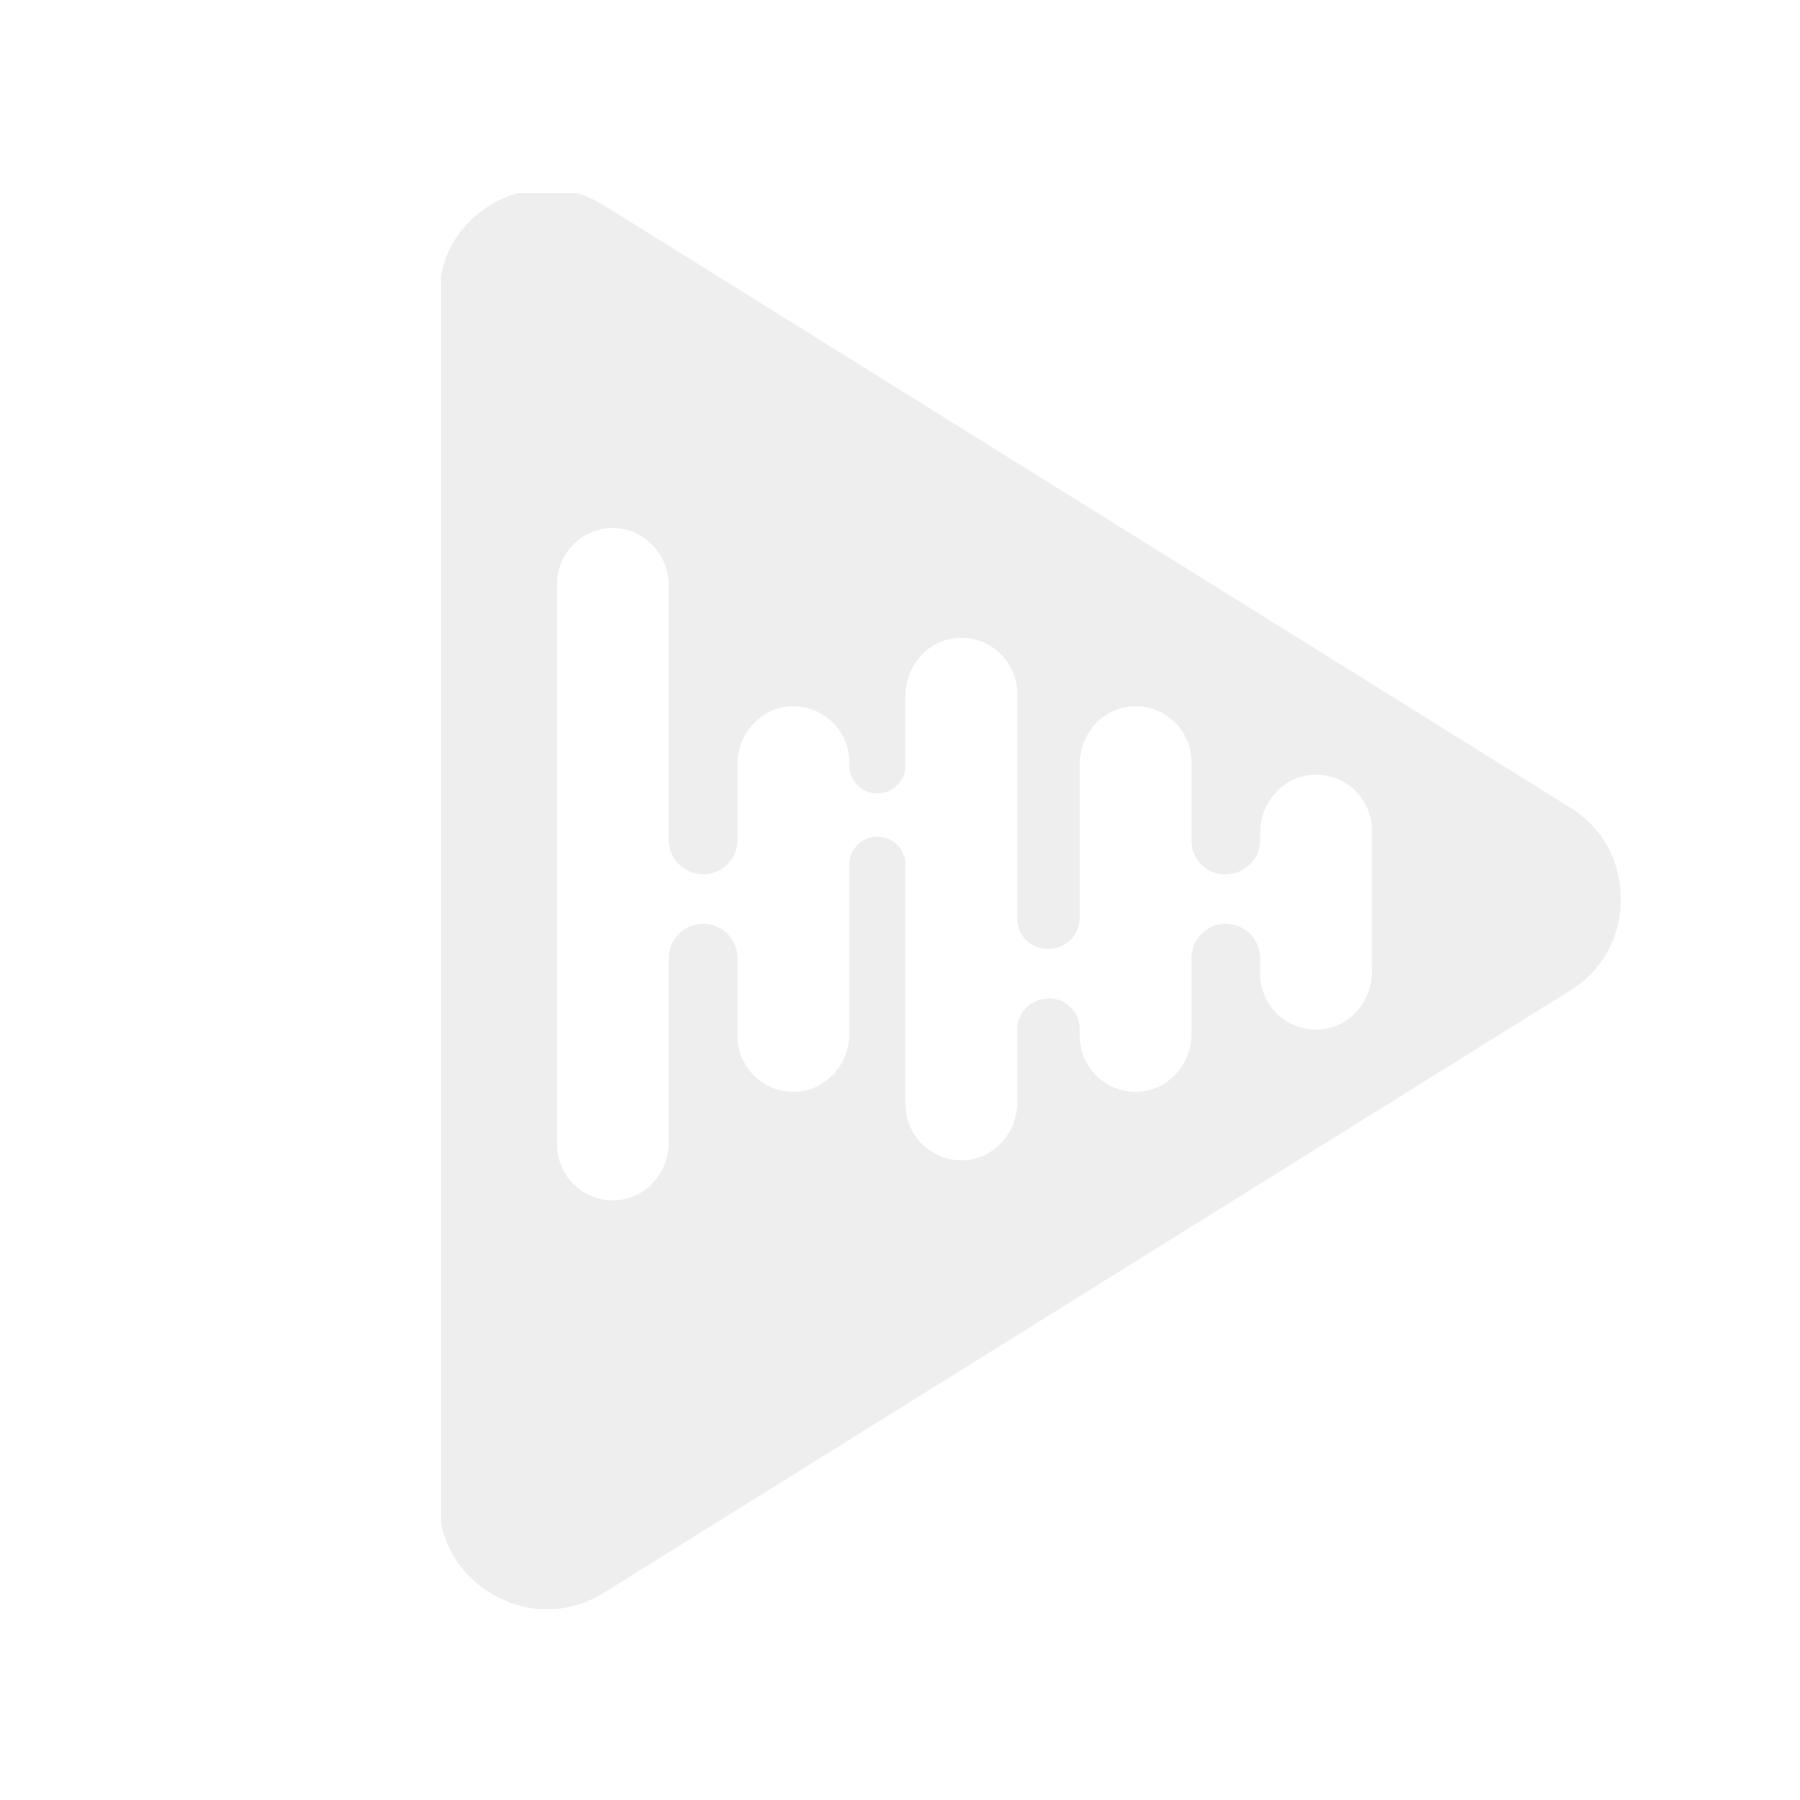 Klipsch 1011907 - Frontdeksel til RB-41 II (Stk)